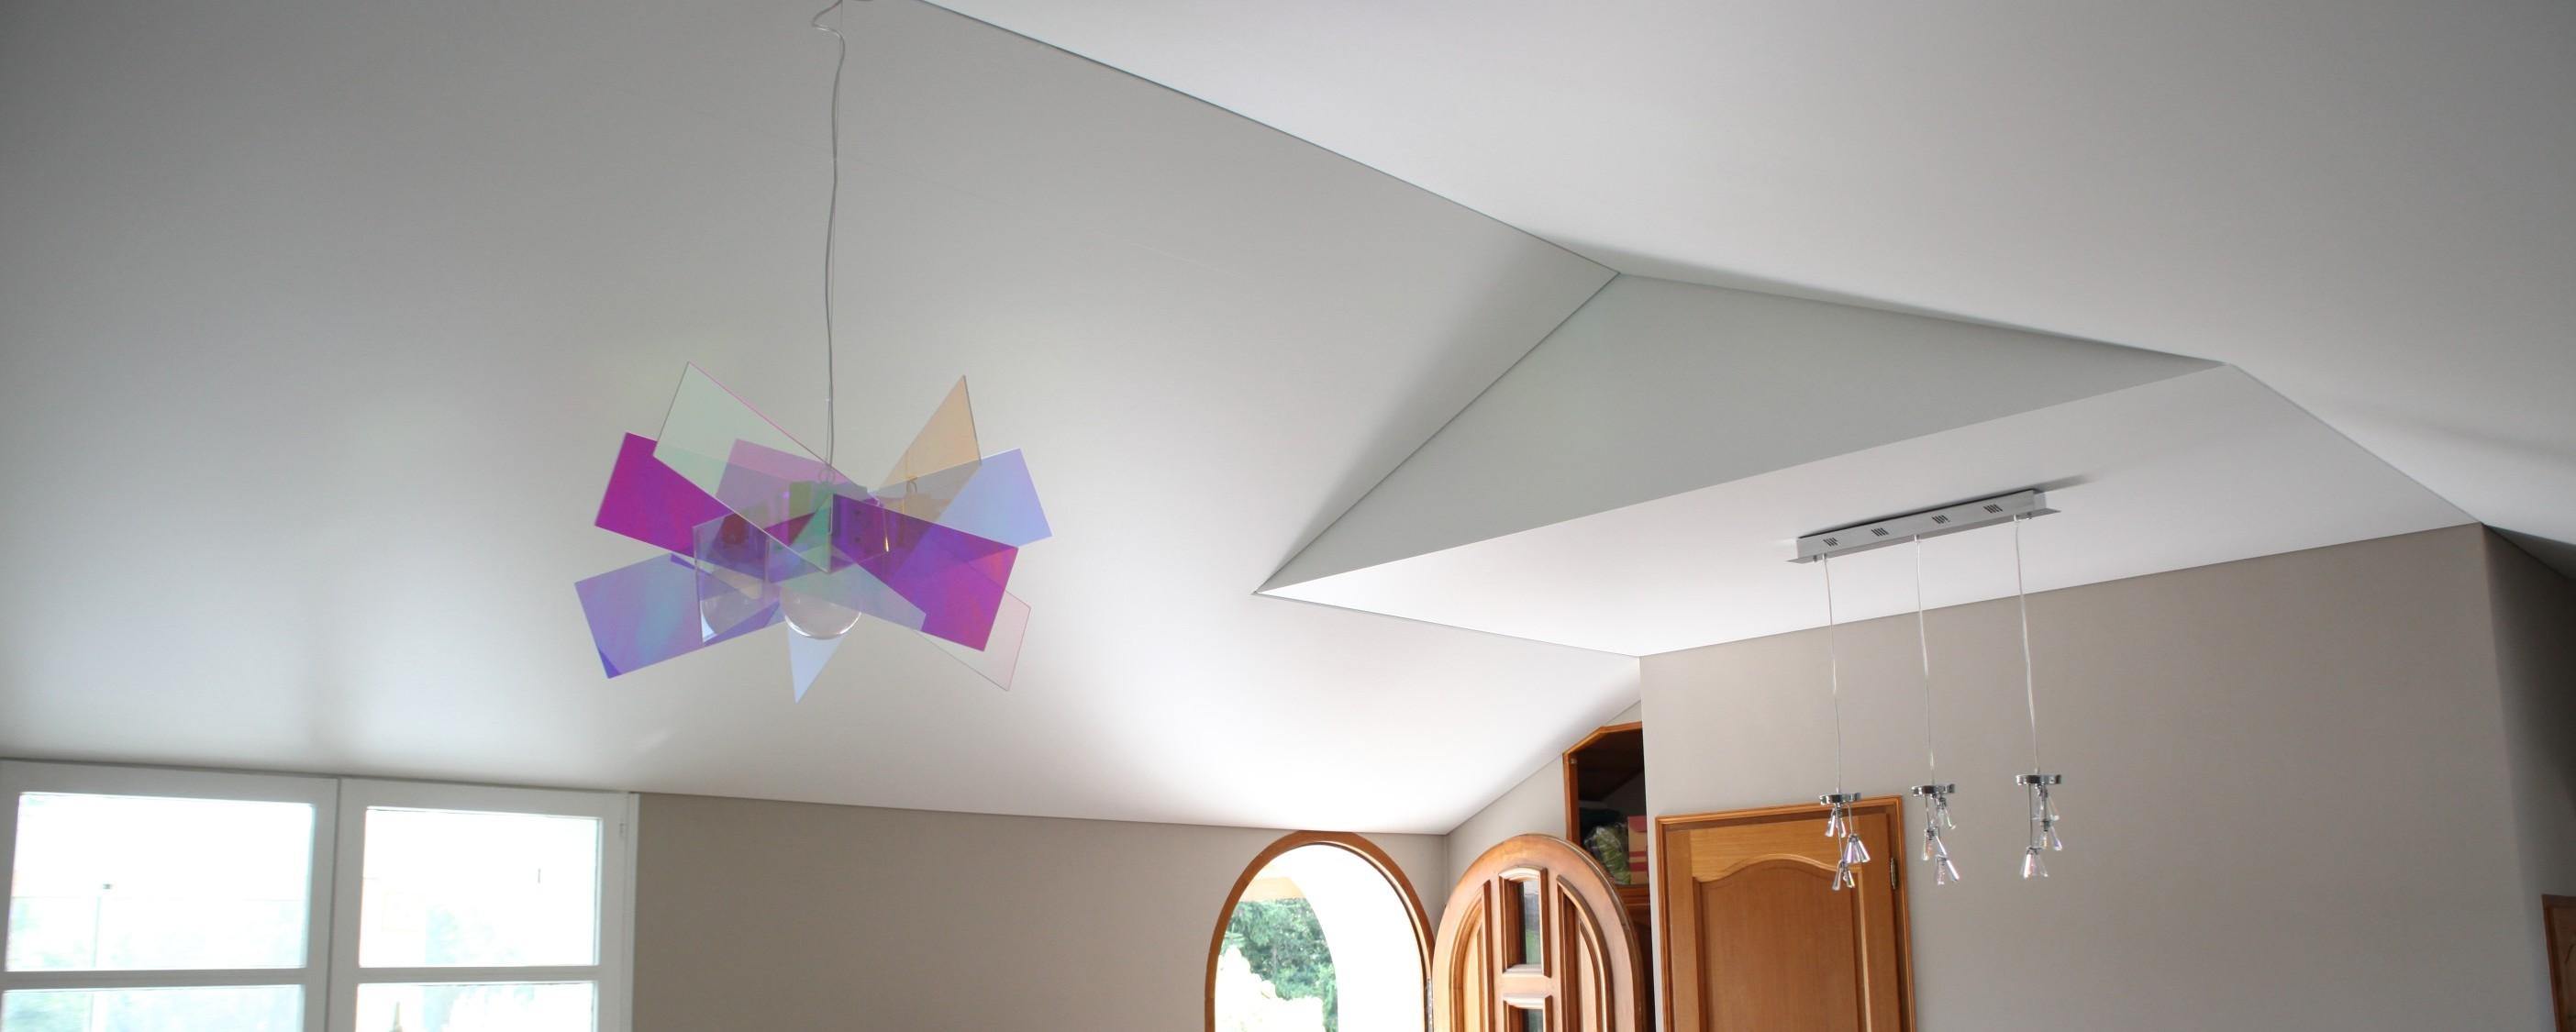 plafond rampant plafond tendu blanc mat rampant je sais pas par ou commencer pour un plafond. Black Bedroom Furniture Sets. Home Design Ideas